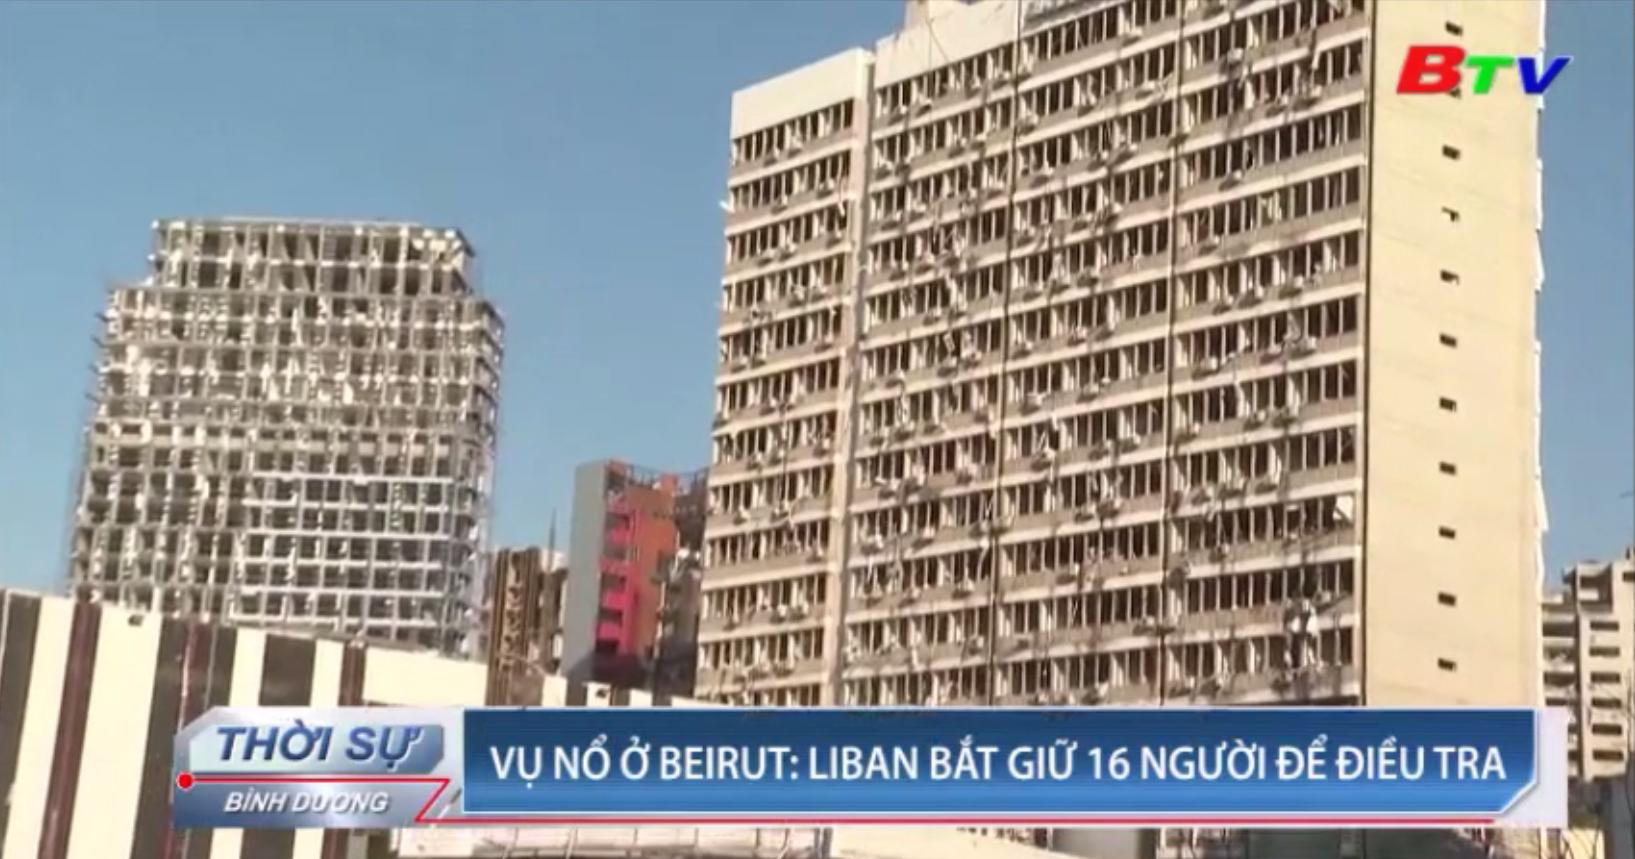 Vụ nổ ở Beirut - Liban bắt giữ 16 người để điều tra